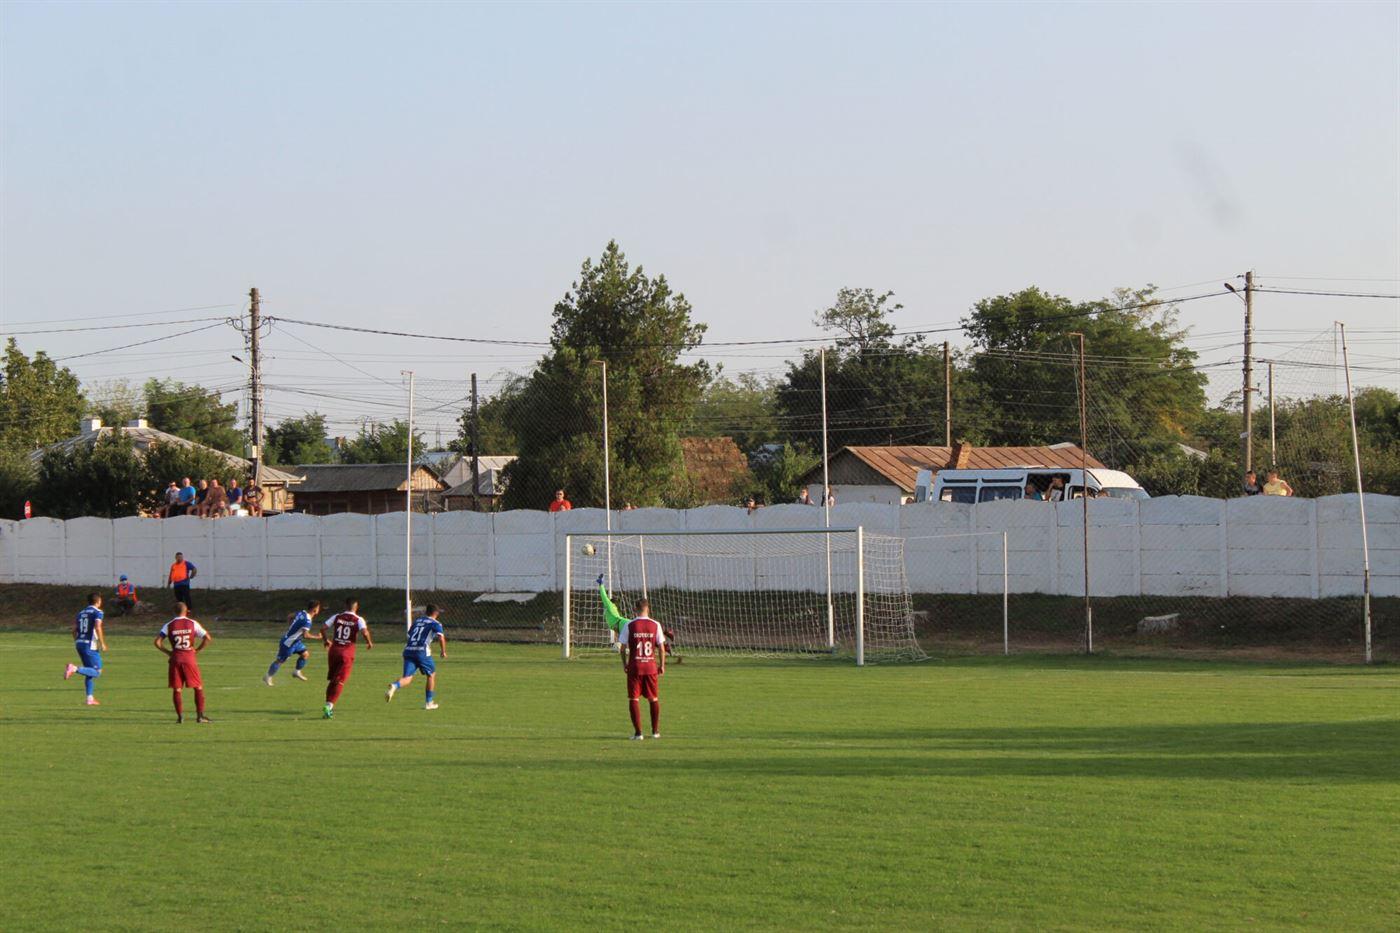 Dacia Unirea Brăila s-a calificat în etapa a III-a a Cupei României după victoria cu 4-1 (1-1) în fața Viitorului Ianca